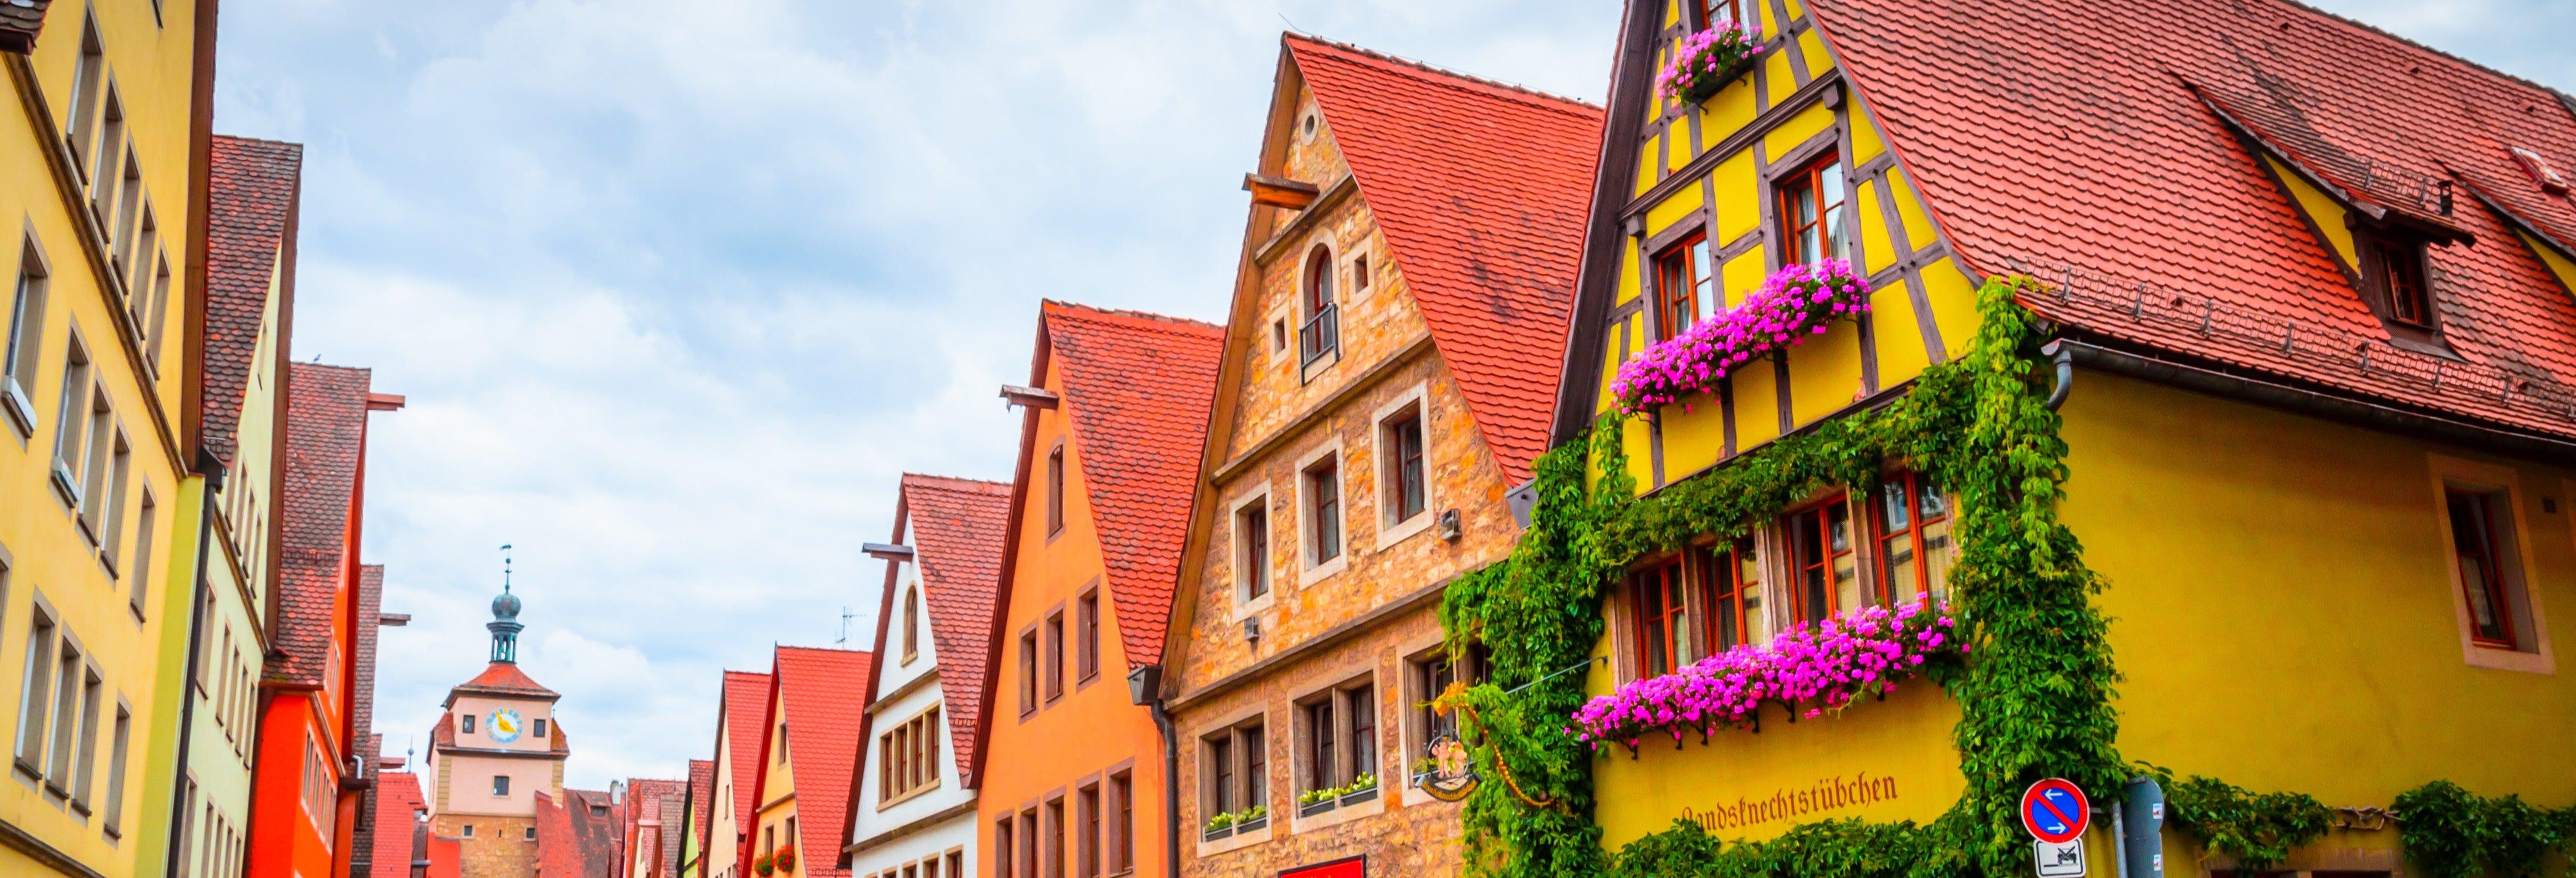 Tour della musica medievale di Rothenburg